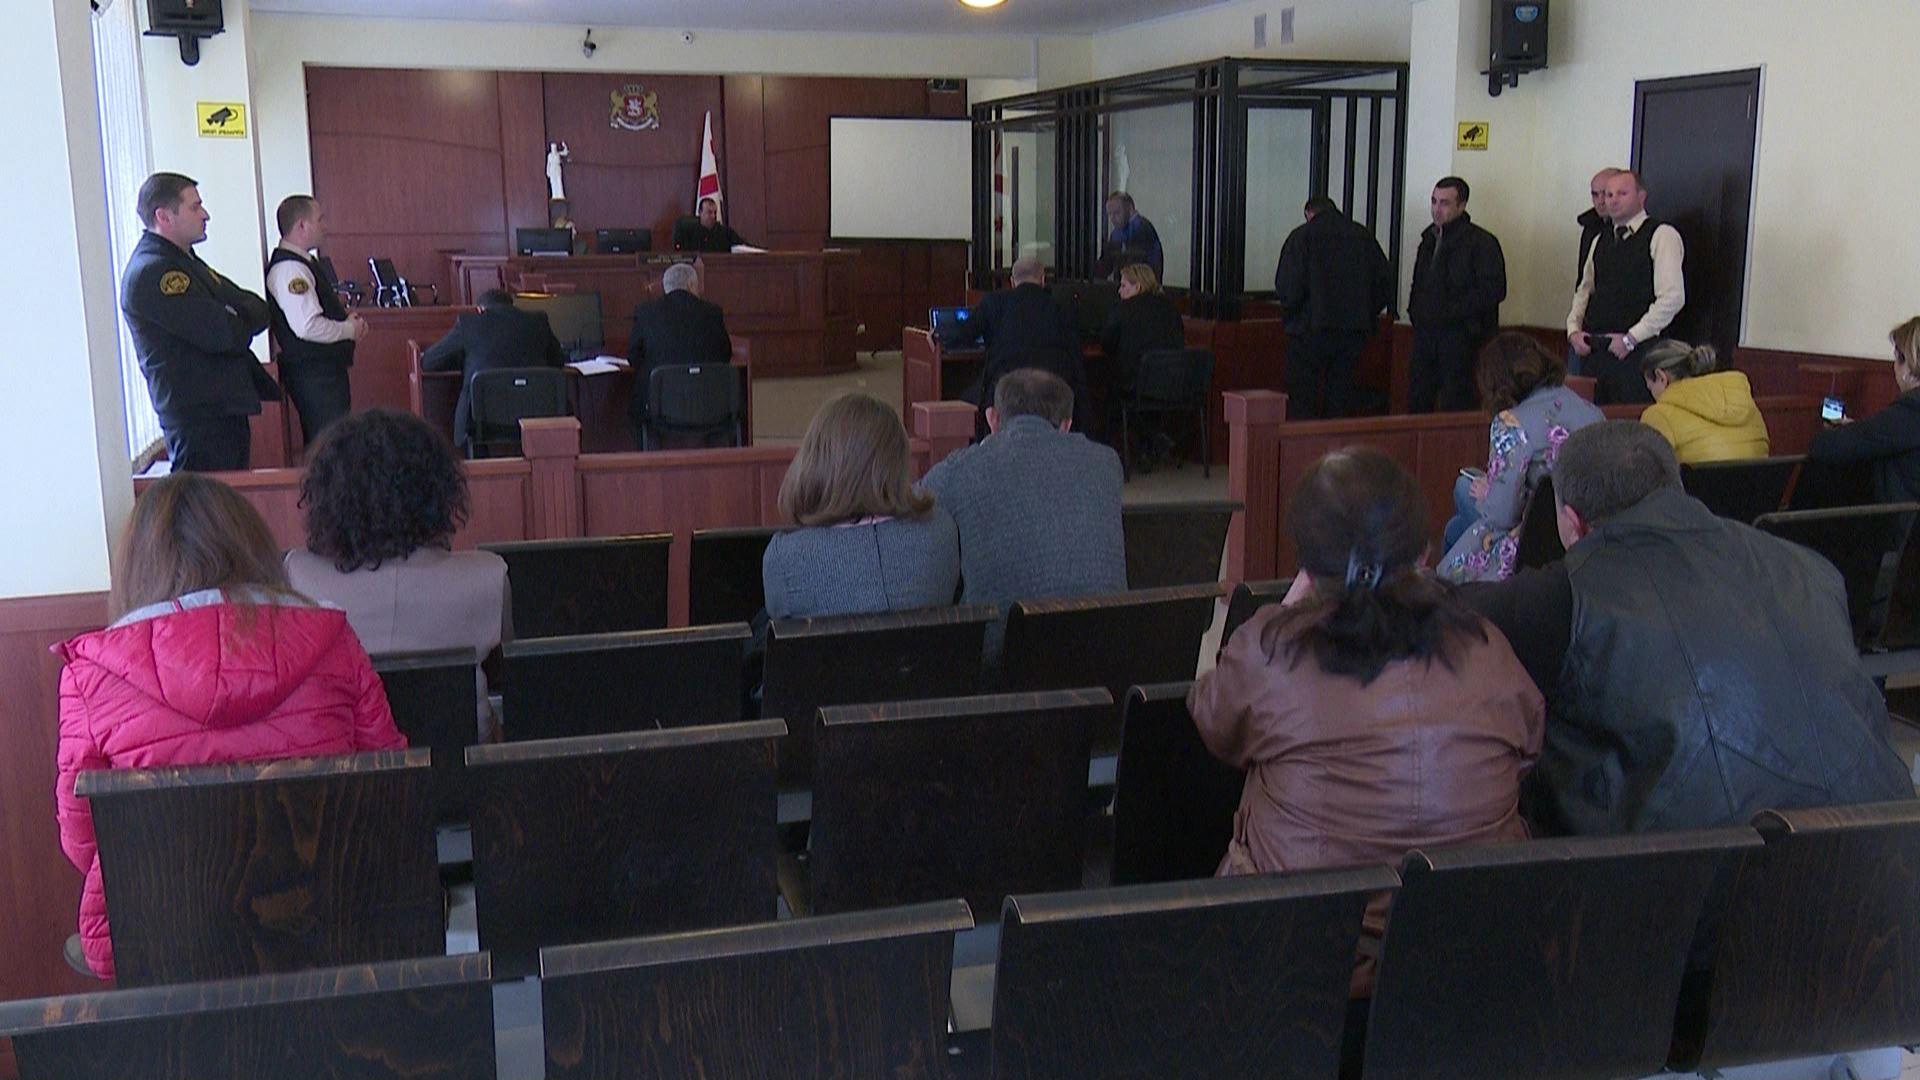 ირაკლი ჩხვირკიას სასამართლო პროცესებზე ადვოკატები აღარ დაიცავენ